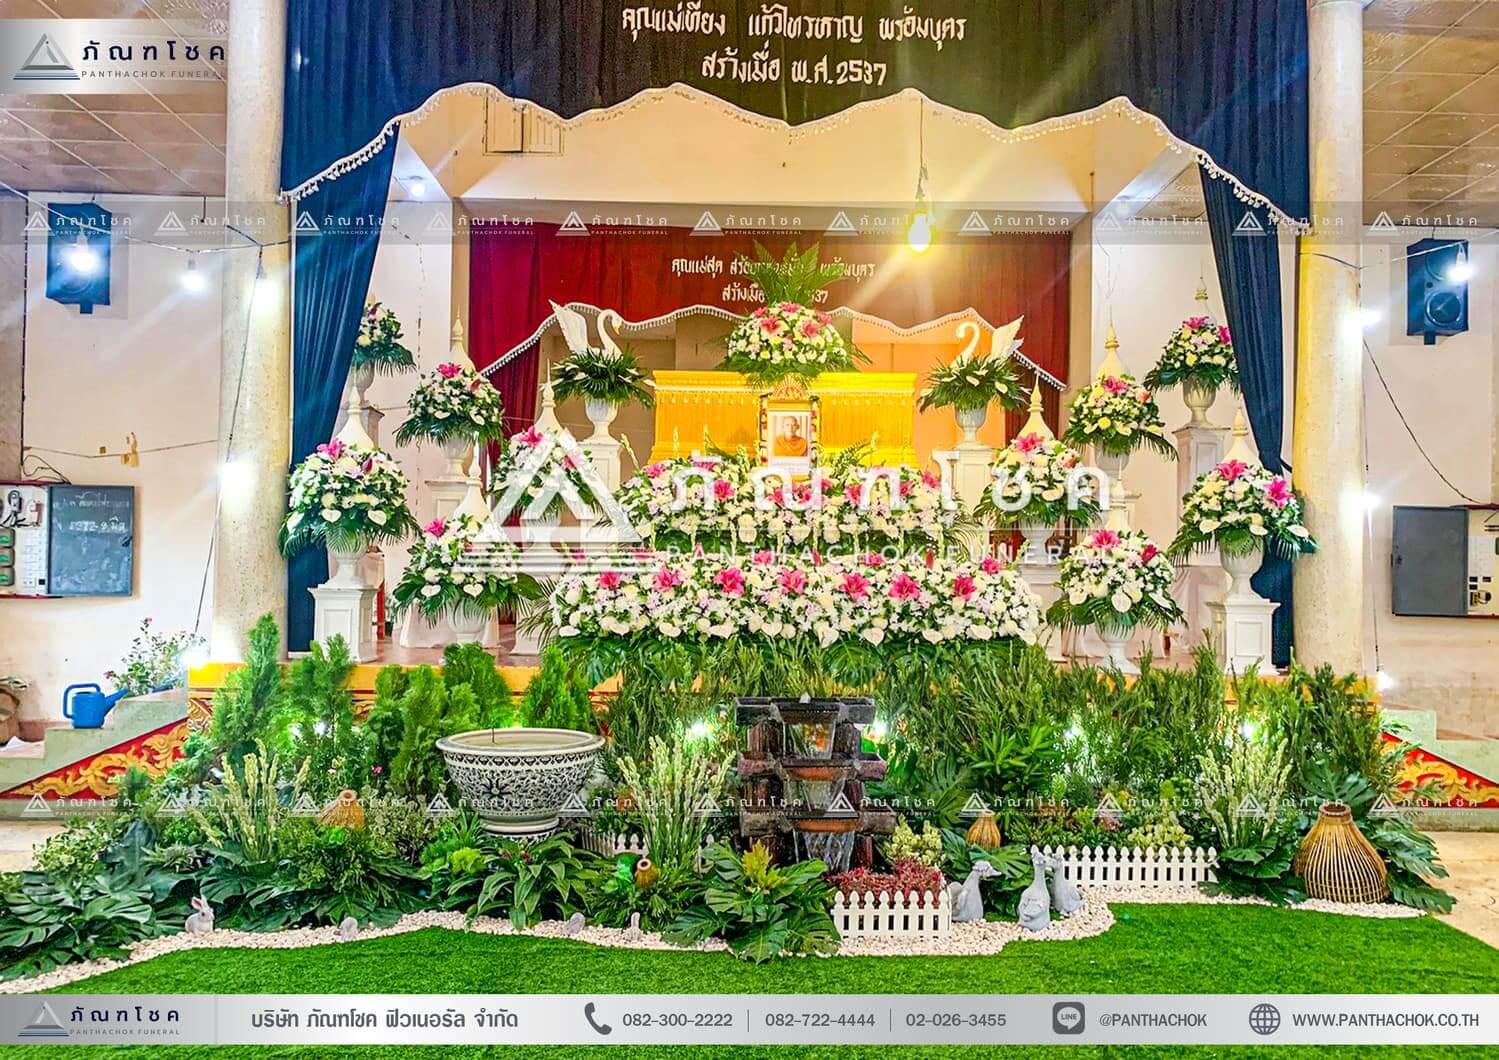 จัดสวนหน้าศพ ดอกไม้งานศพ